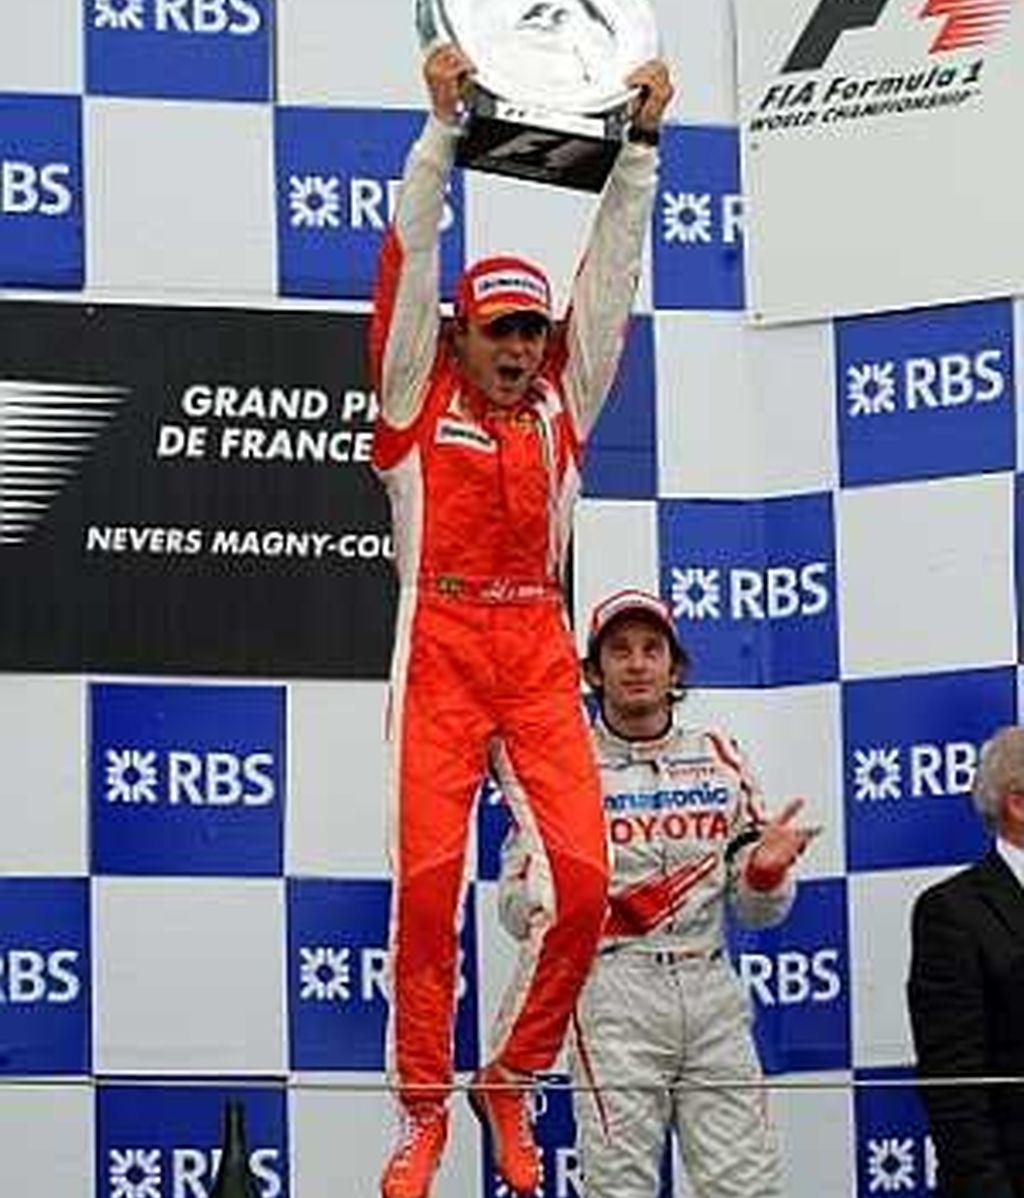 Fin de semana triunfal de Massa